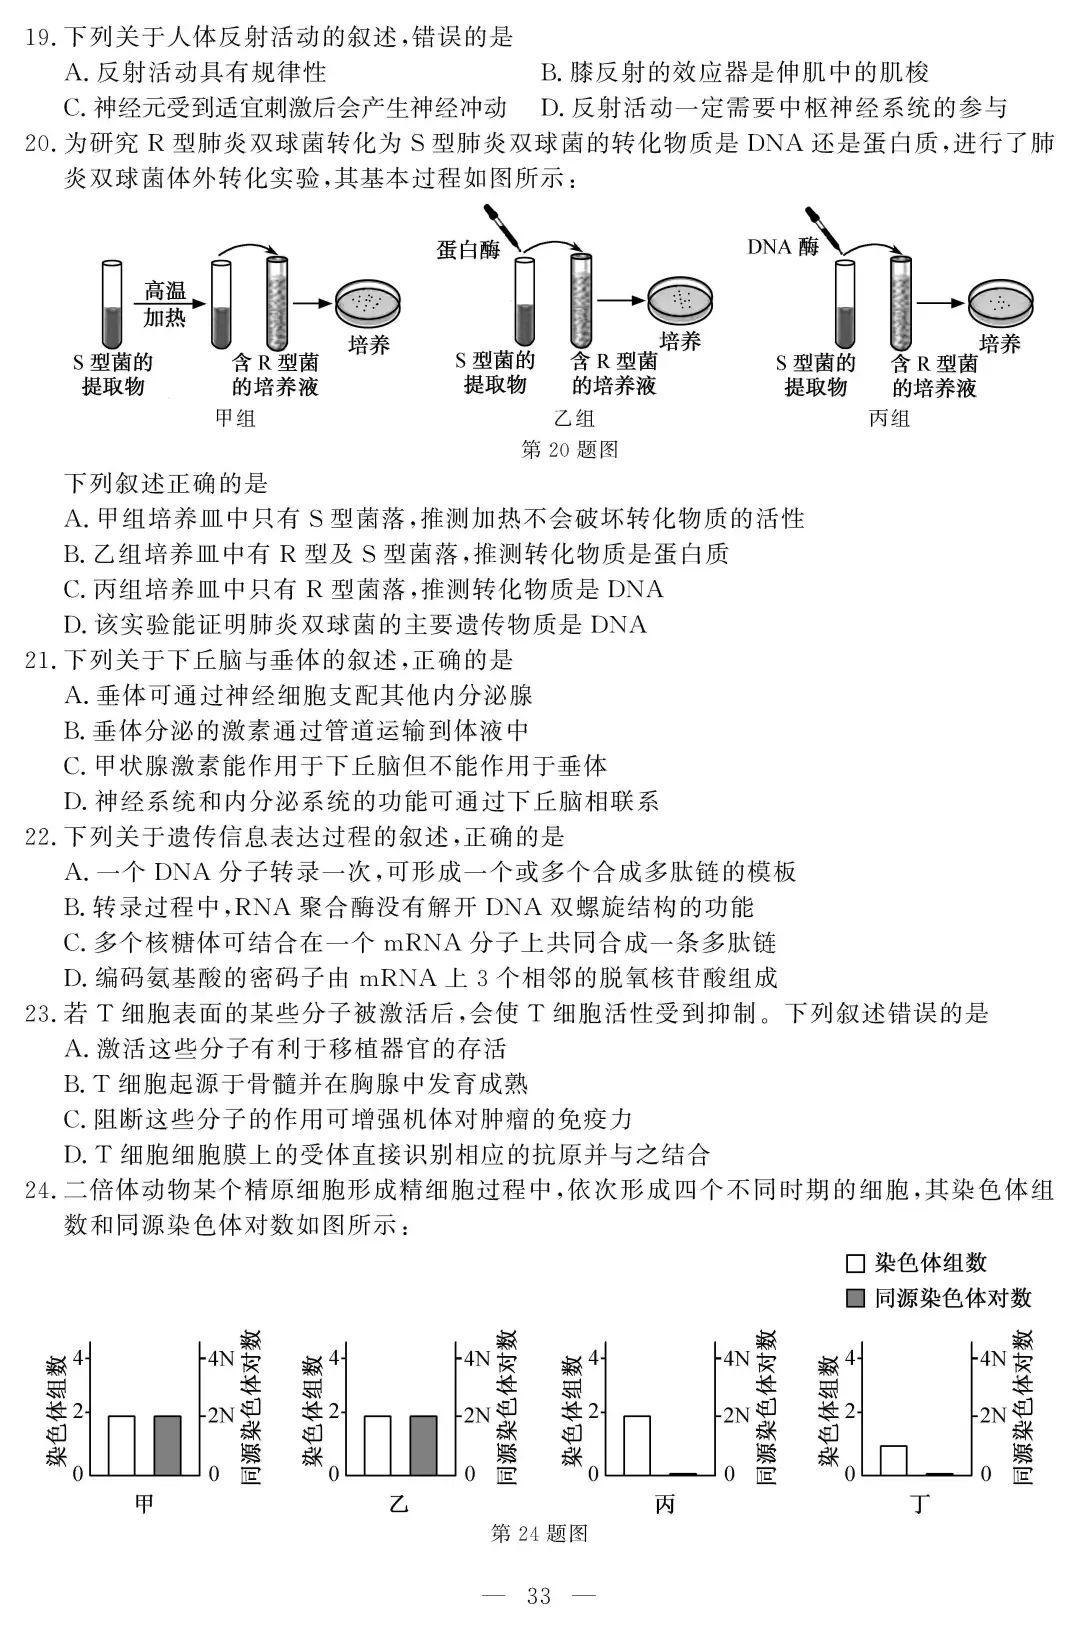 2019年4月浙江选考科目试题及参考答案发布